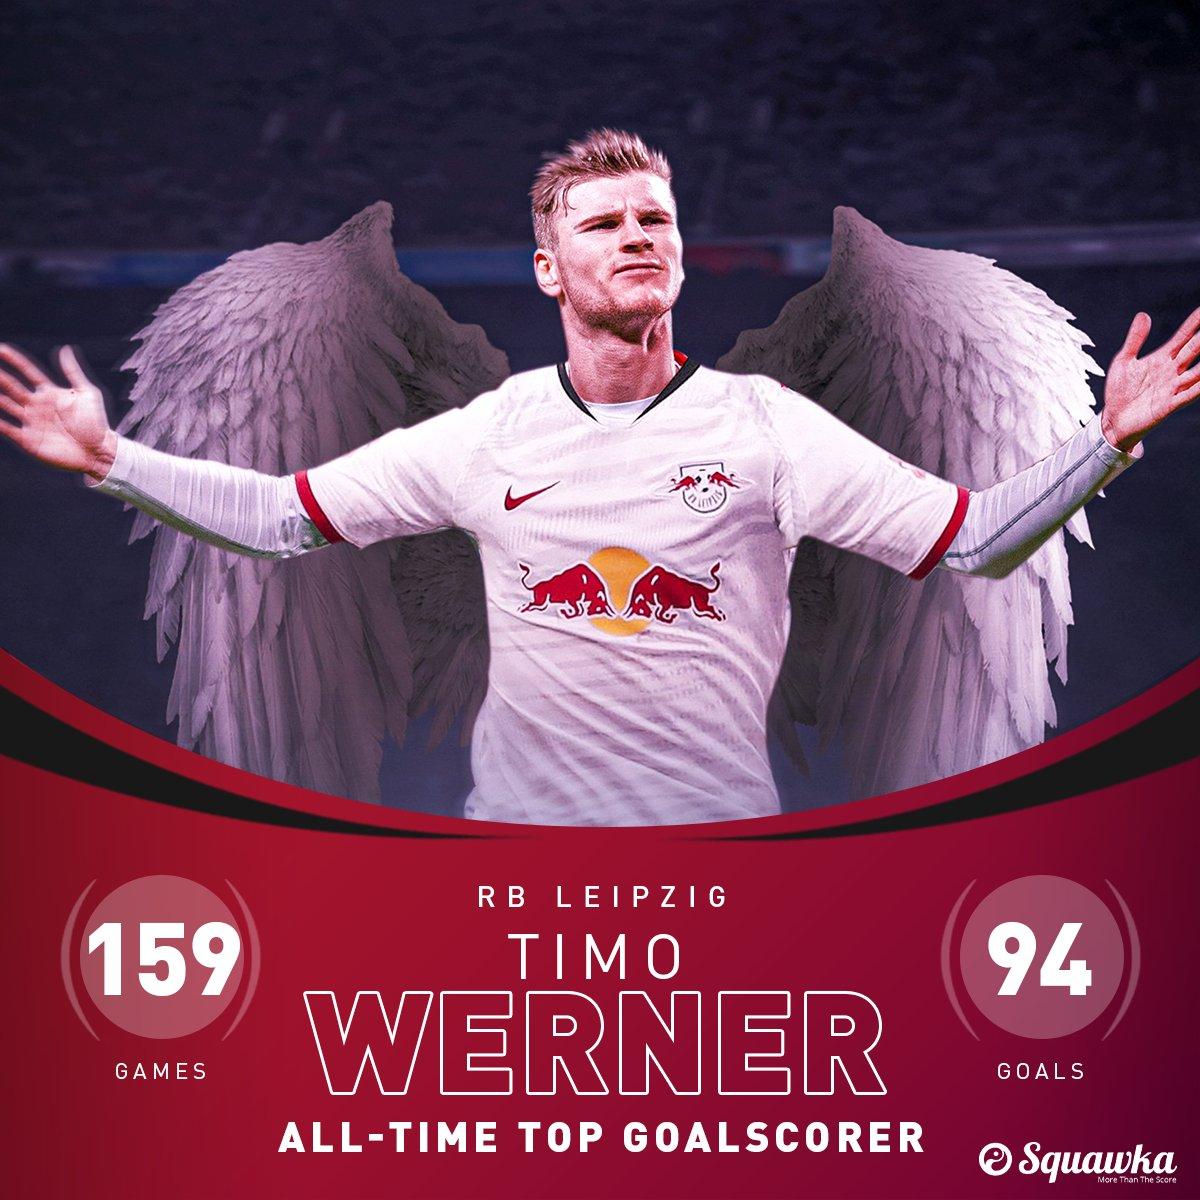 94!维尔纳为莱比锡打入94球,成俱笑部德甲历史最佳射手